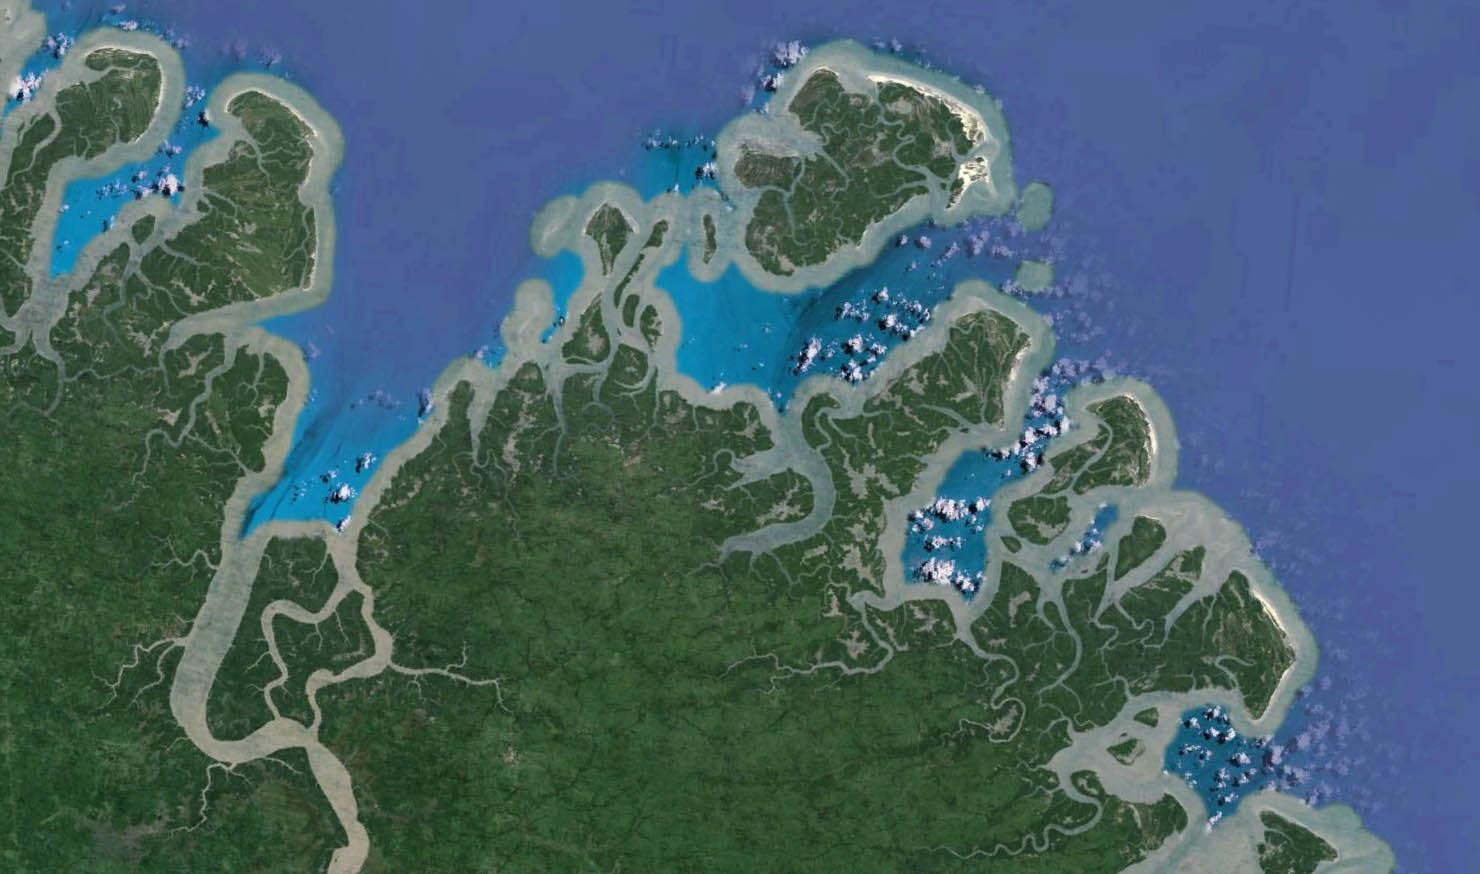 Área de proteção Ambiental das Reentrâncias Maranhenses